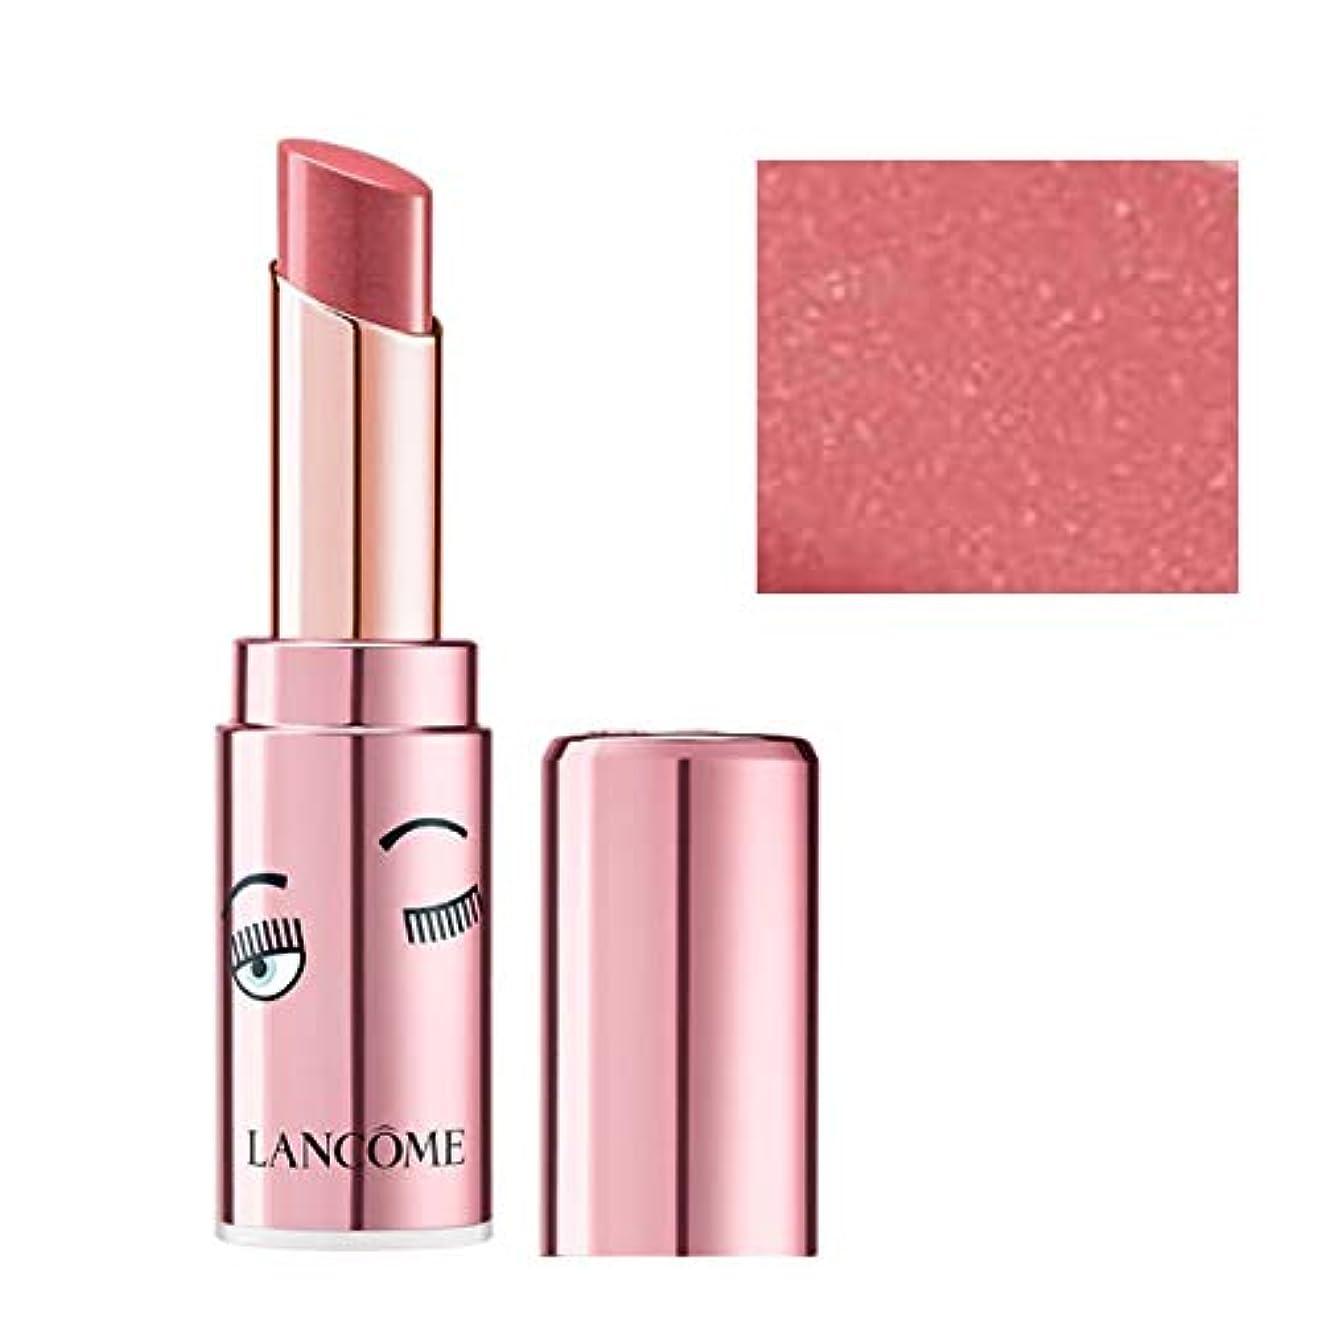 協定紛争シフトランコム(LANCOME), 限定版 limited-edition, x Chiara Ferragni L'Absolu Mademoiselle Shine Balm Lipstick - Independent...